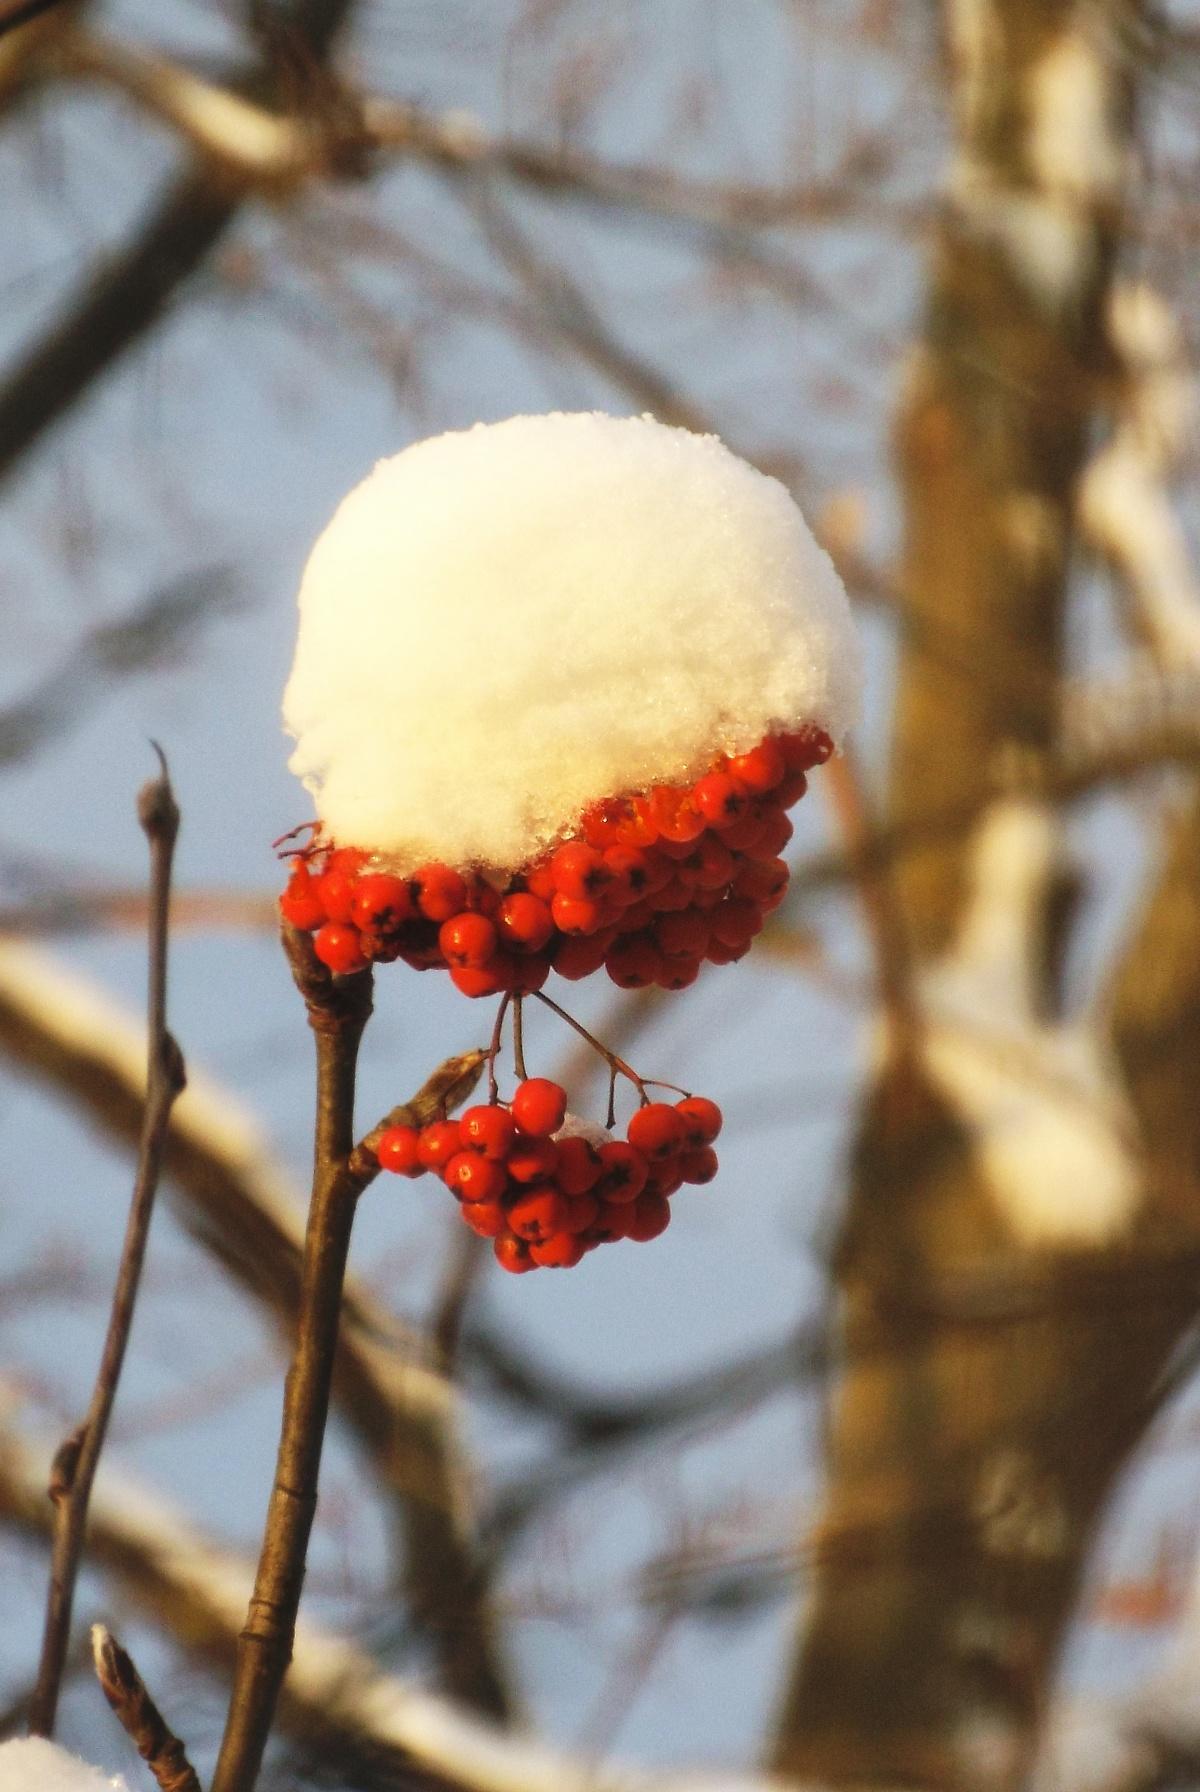 известна своими картинка рябина в снегу на аву кандидатах, выдвинутых